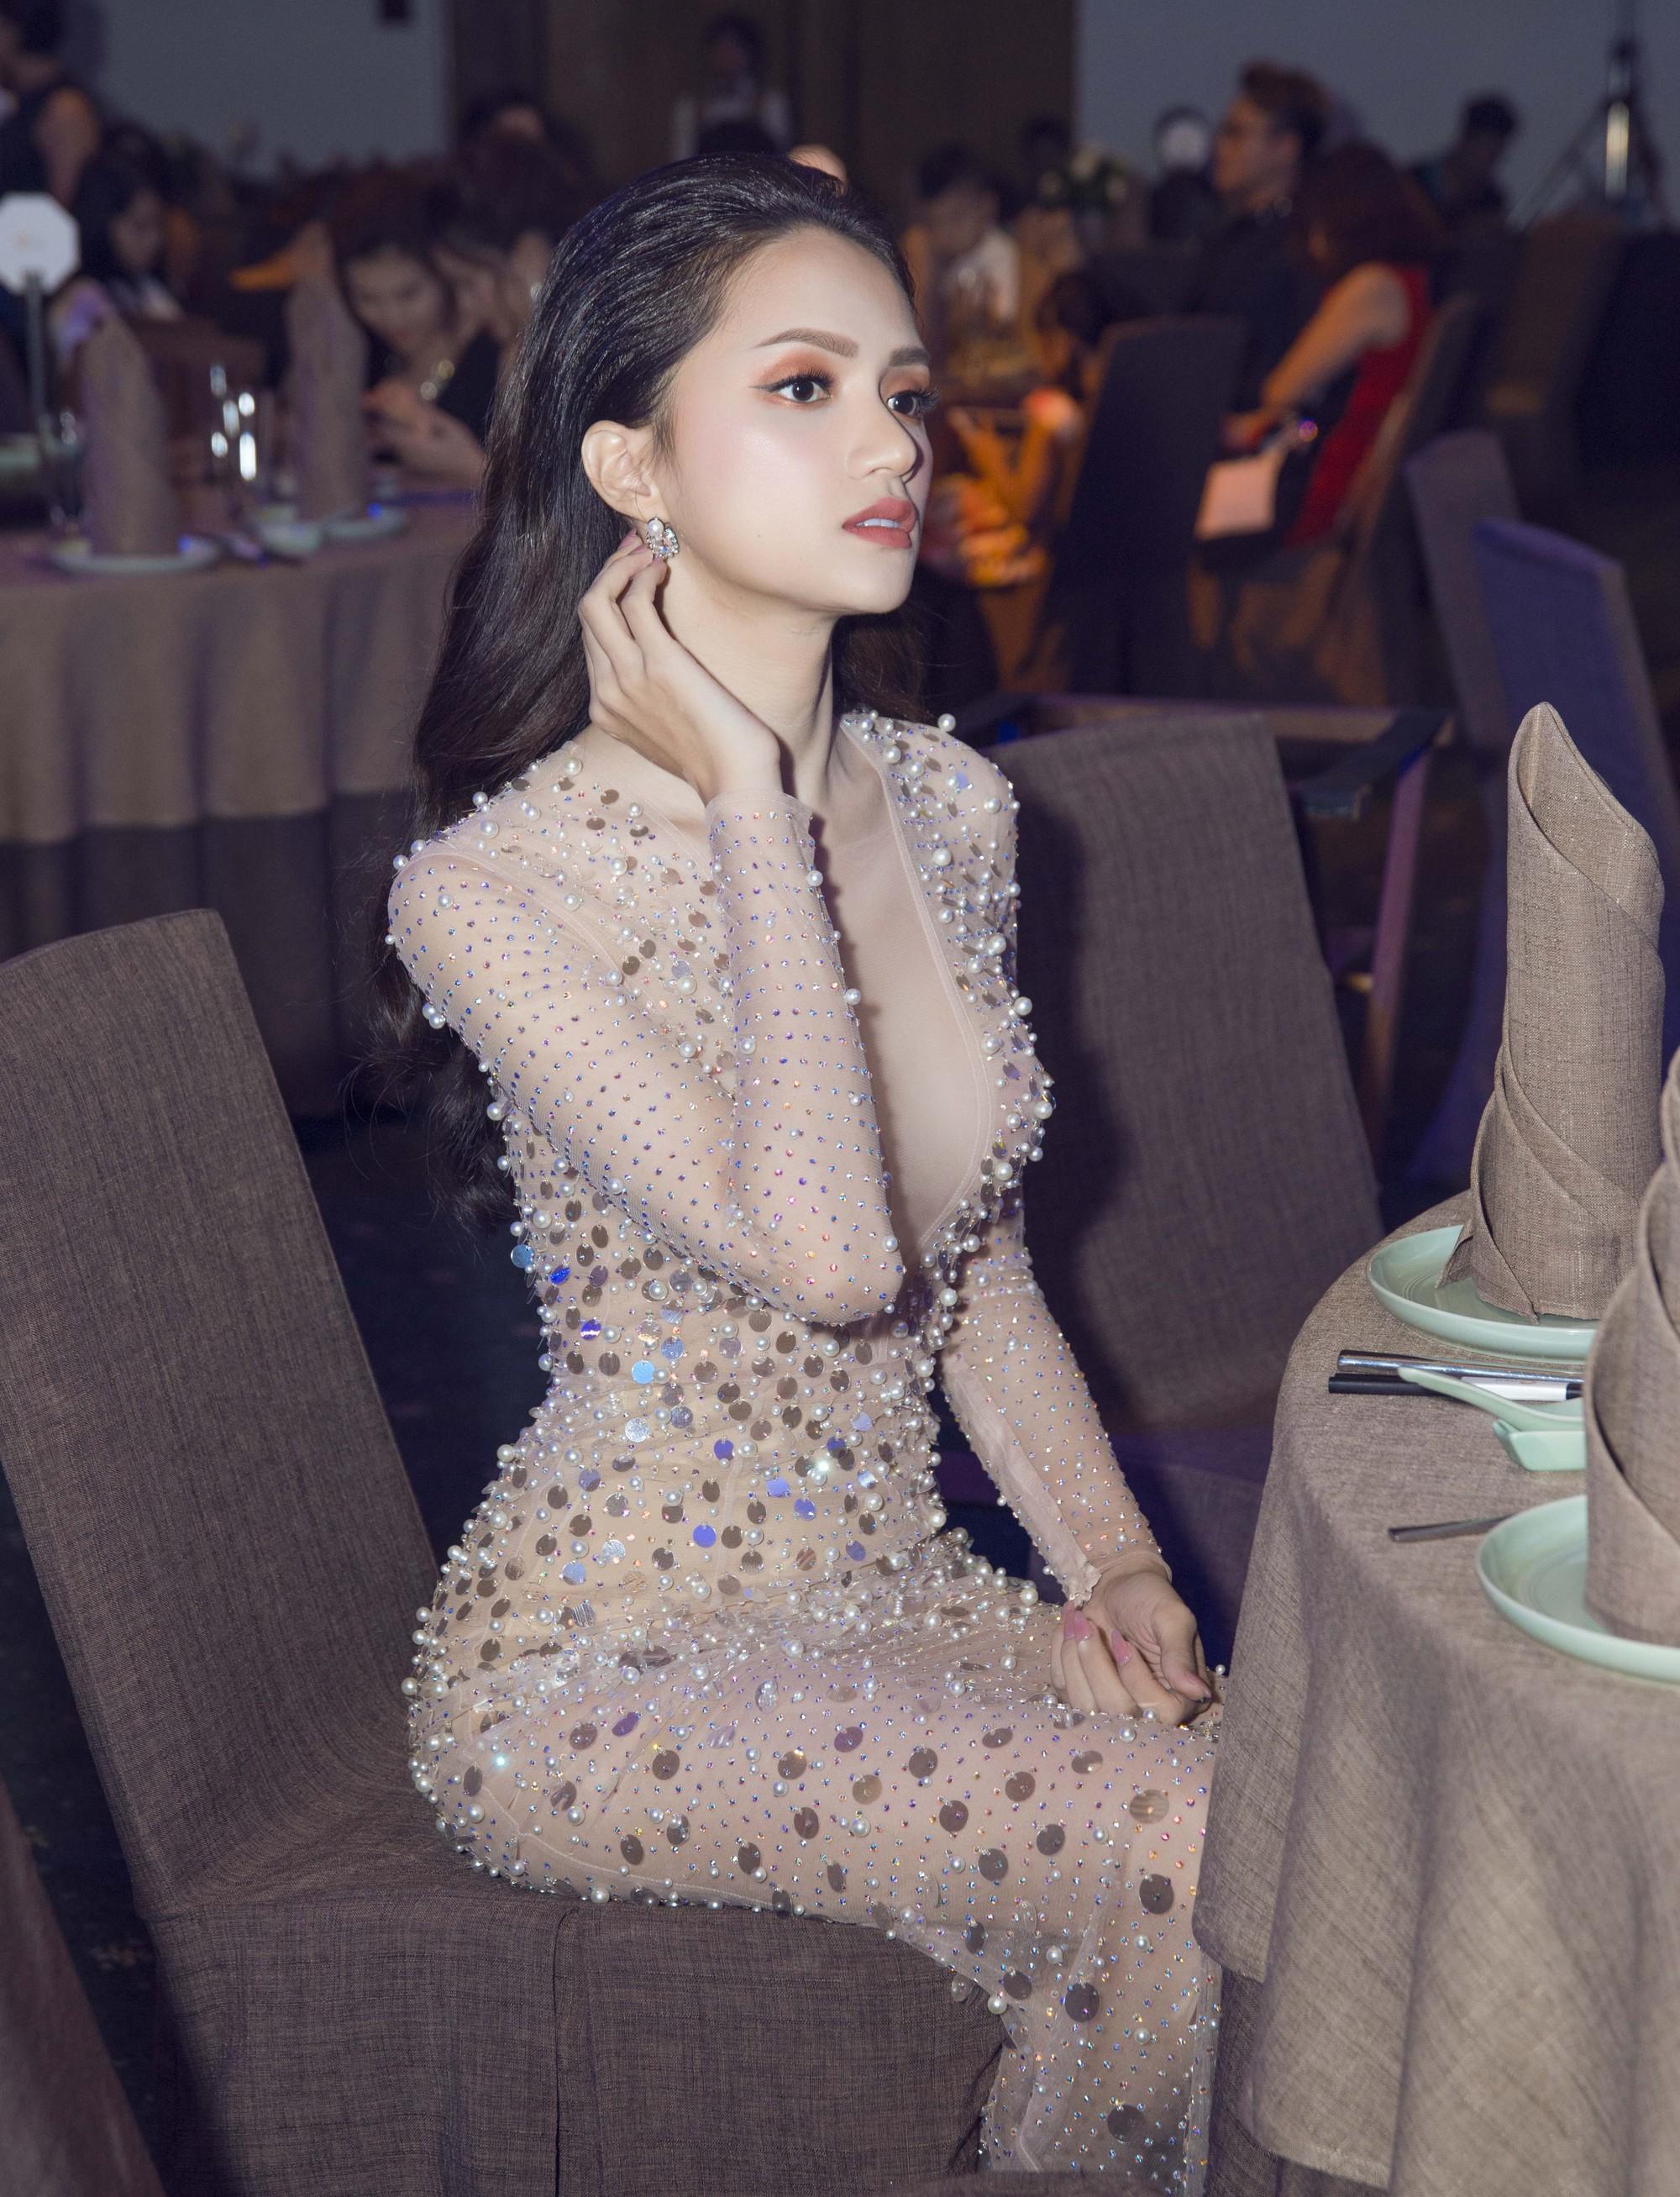 Hương Giang quyến rũ với váy xuyên thấu bó sát, Lan Khuê diện váy trắng tinh khôi như cô dâu tại sự kiện - Ảnh 3.